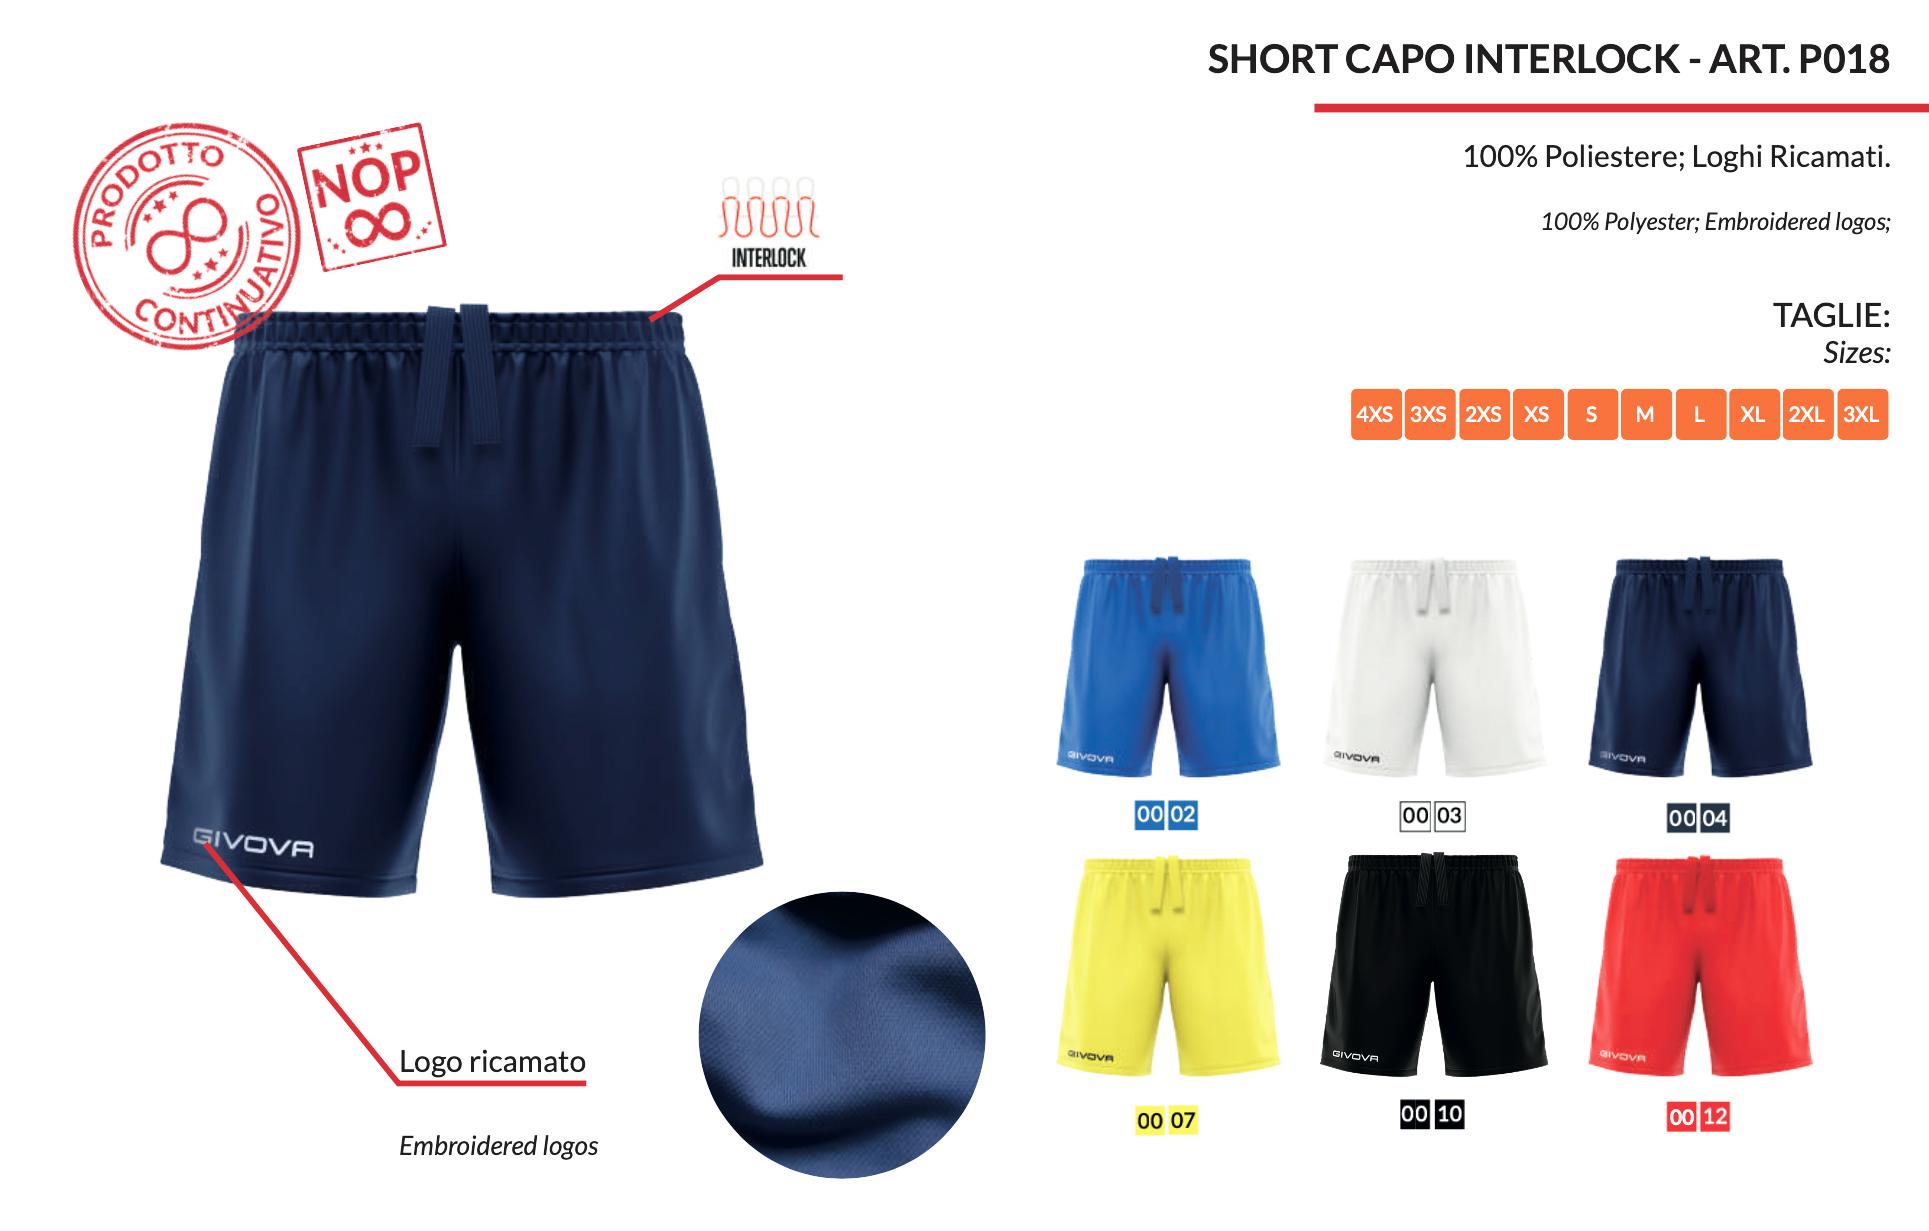 short capo